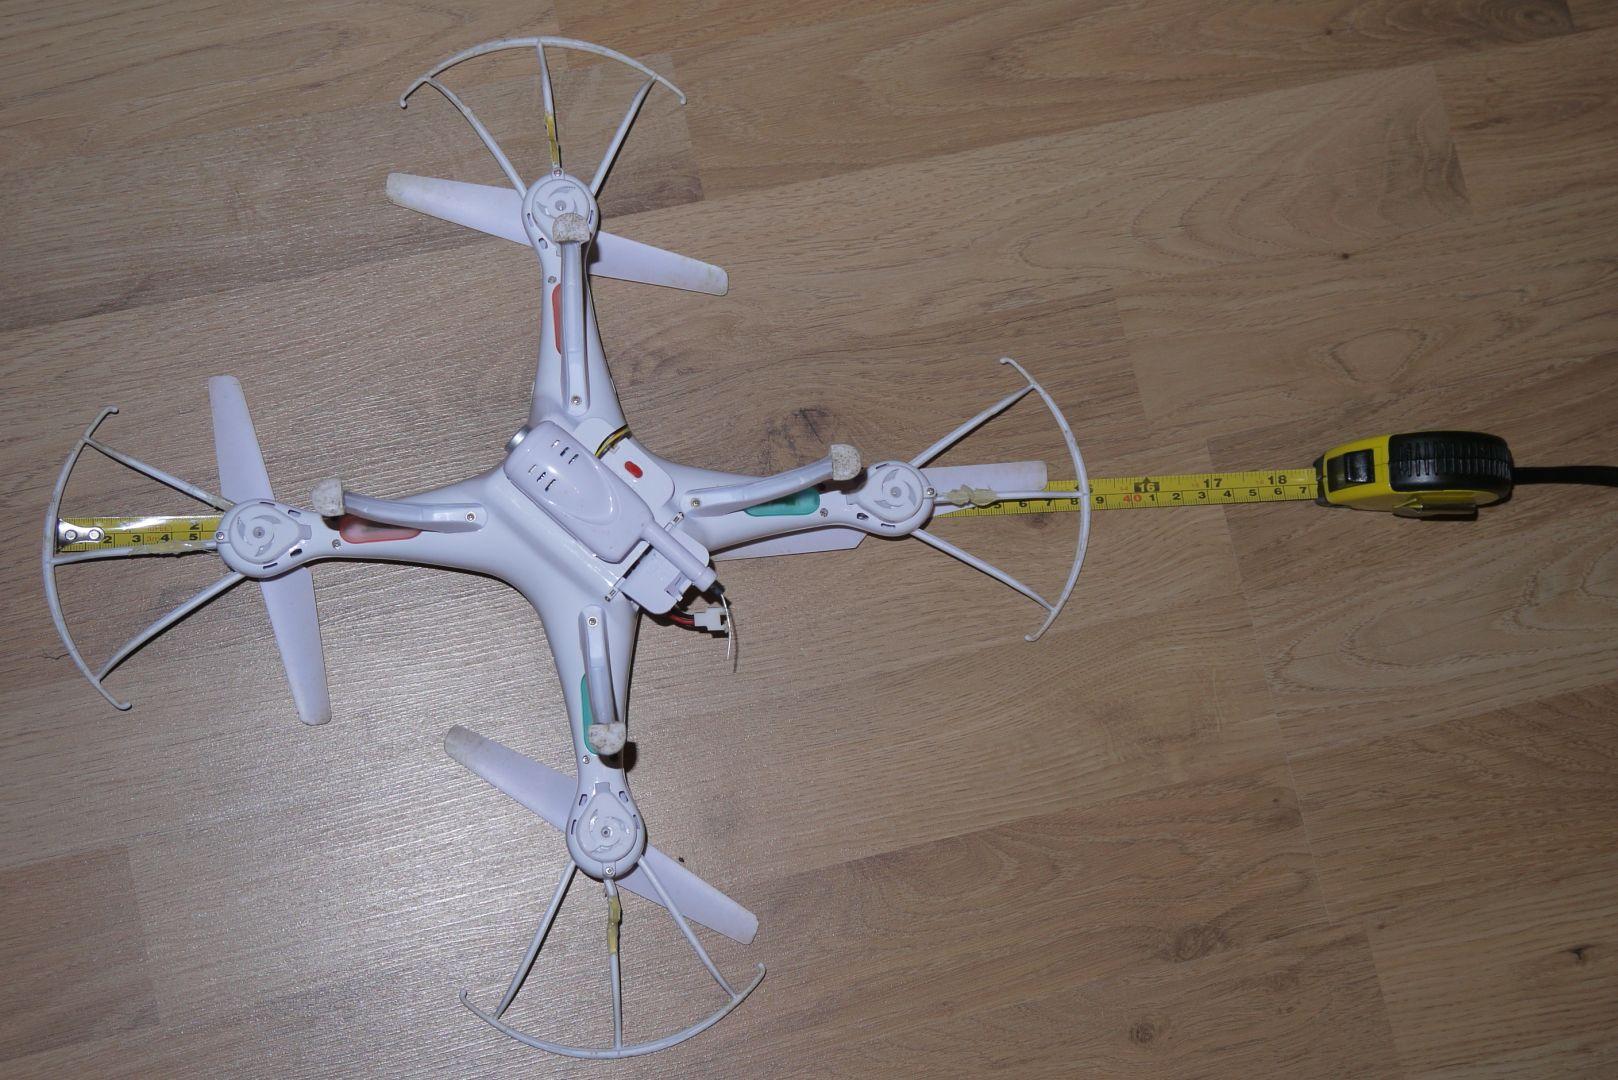 39 centi szélesség propeller védőtől védőig.